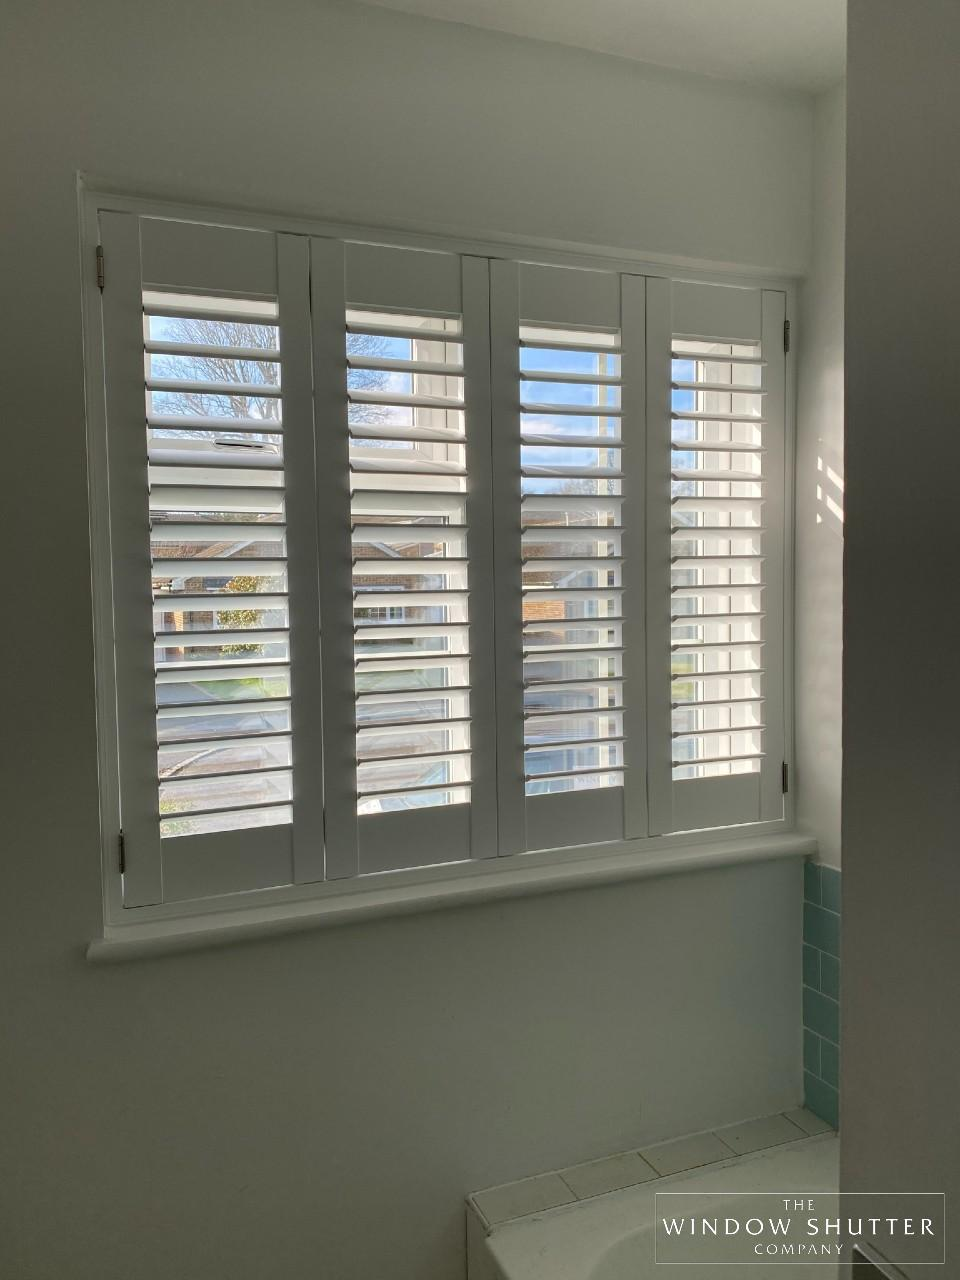 Full height shutters, waterproof